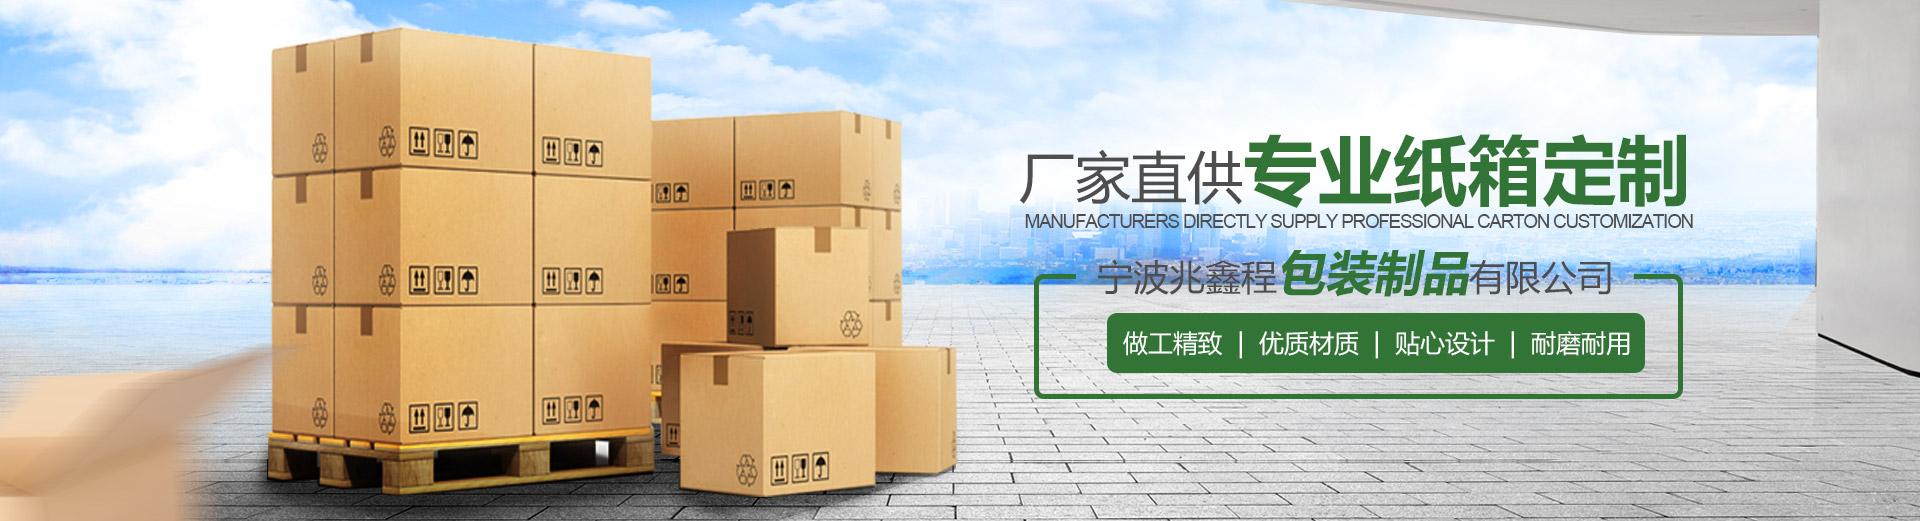 宁波飞机盒